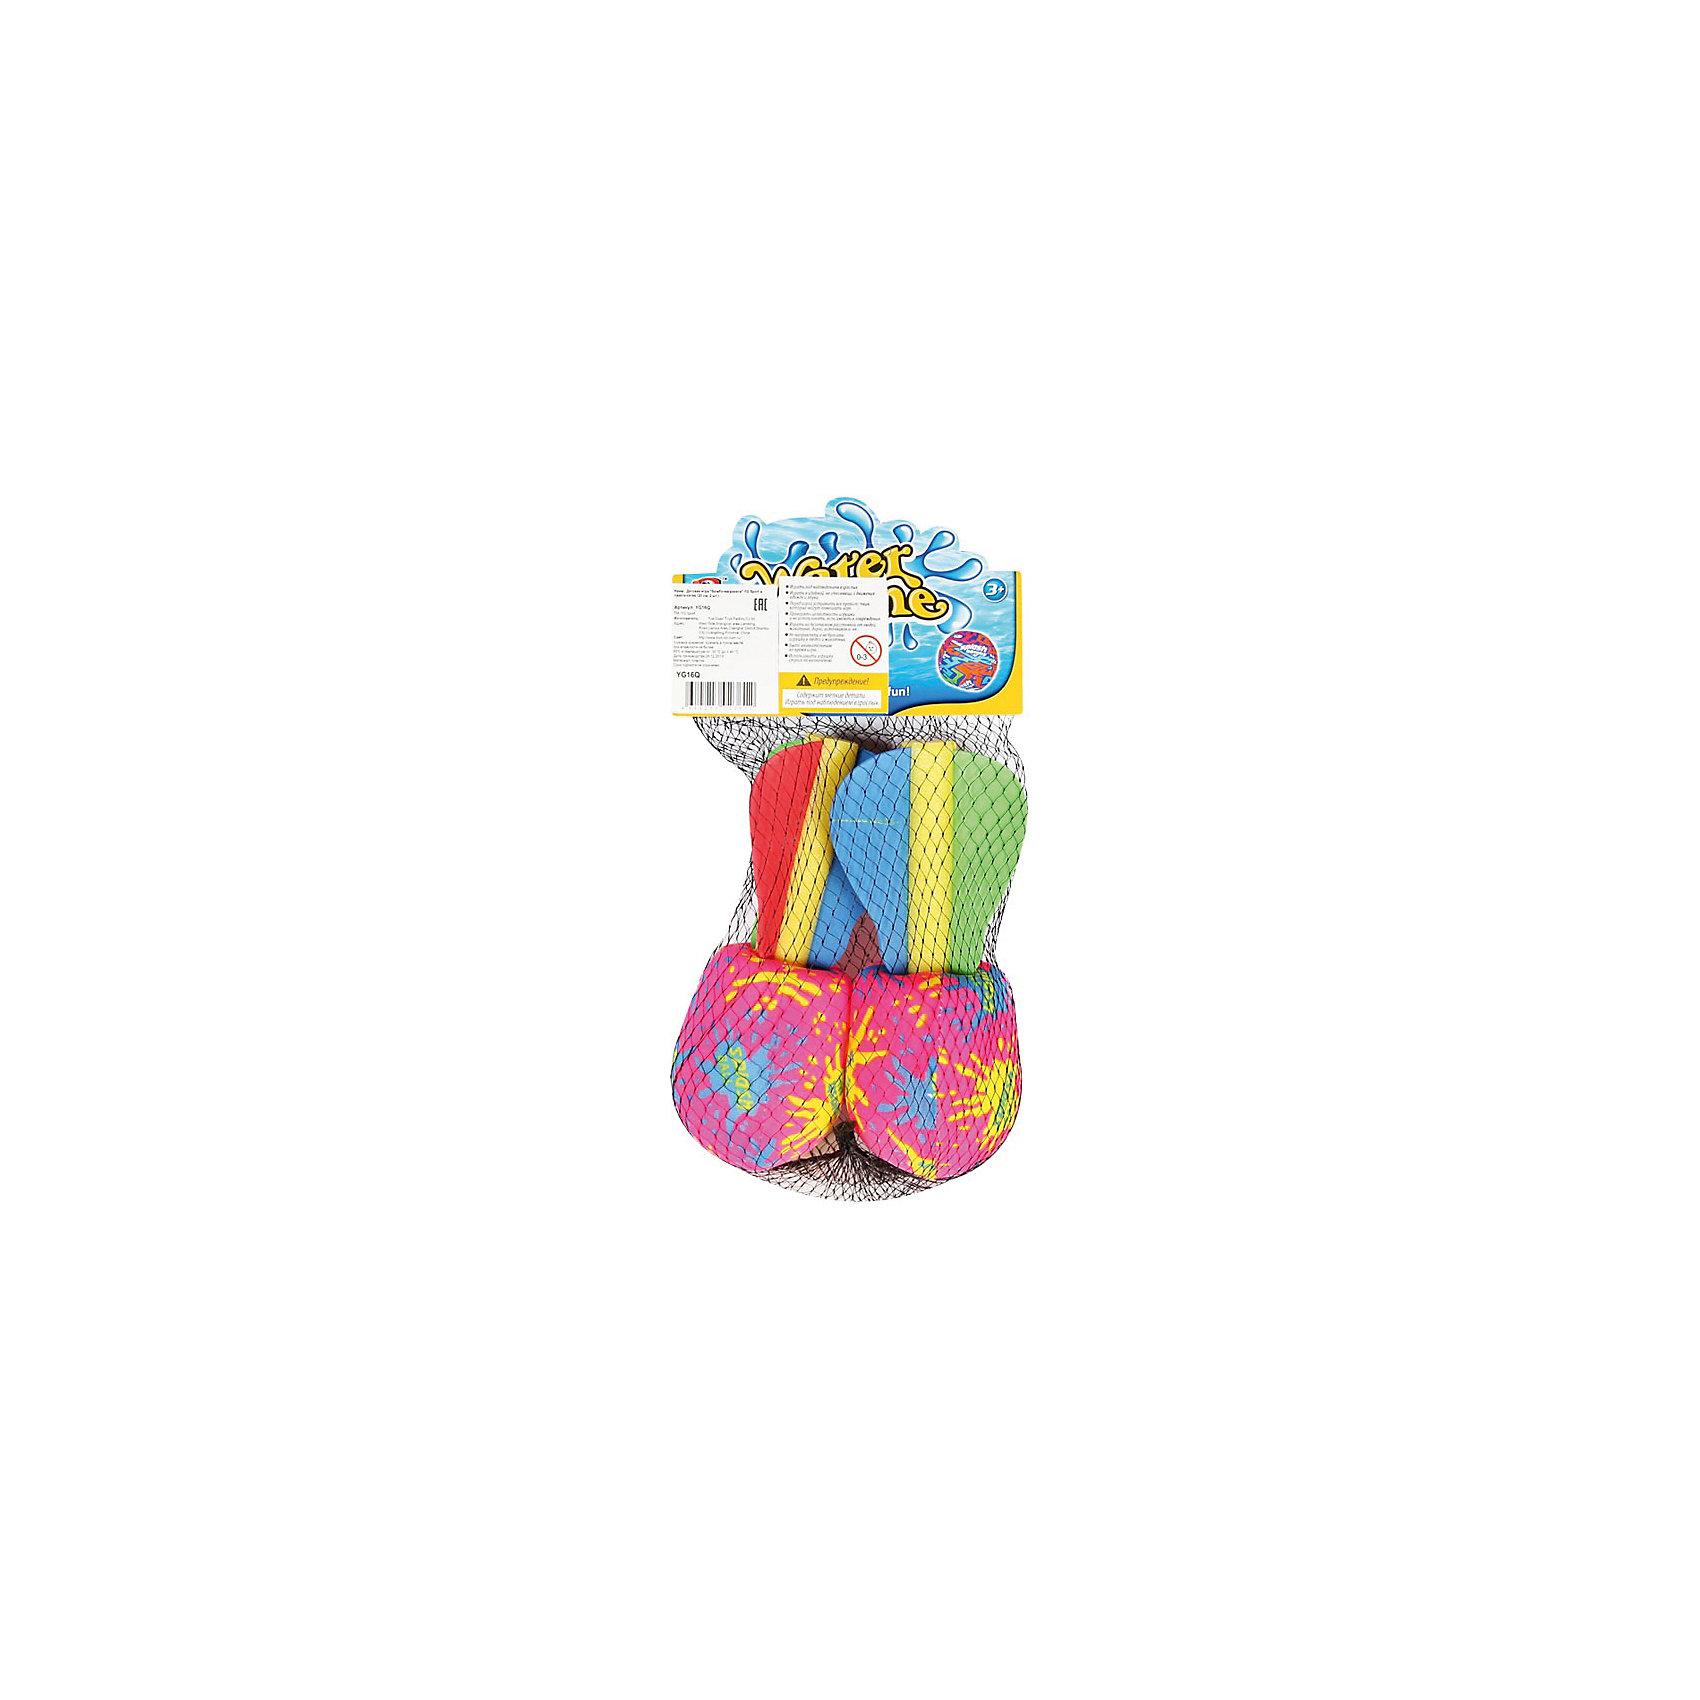 Детская игра Бомбочка-ракета, YG SportИгрушечное оружие<br>Детская игра Бомбочка-ракета, YG Sport, поможет разнообразить пляжный отдых или весело провести время на даче или на природе. В комплект входят две бомбочки-ракетки, выполненные в ярком красочном дизайне. Чтобы начать игру, наполните шарик водой и стреляйте в выбранную мишень. Игры с водой не только подарят отличное настроение всем участникам, но и помогут освежиться жарким летним днём! Игрушка изготовлена из качественного и гипоаллергенного материала, абсолютно безопасного для детского здоровья. Развивает меткость, ловкость, внимательность и мелкую моторику.<br><br>Дополнительная информация:<br><br>- В комплекте: 2 бомбочки-ракеты.<br>- Материал: пластик, резина. латекс. <br>- Размер одной ракетки: 20 см.<br>- Размер упаковки: 15 х 7,5 х 28 см.<br>- Вес: 25 гр.<br> <br>Детскую игру Бомбочка-ракета, YG Sport, можно купить в нашем интернет-магазине.<br><br>Ширина мм: 150<br>Глубина мм: 75<br>Высота мм: 280<br>Вес г: 25<br>Возраст от месяцев: 36<br>Возраст до месяцев: 72<br>Пол: Унисекс<br>Возраст: Детский<br>SKU: 4622222